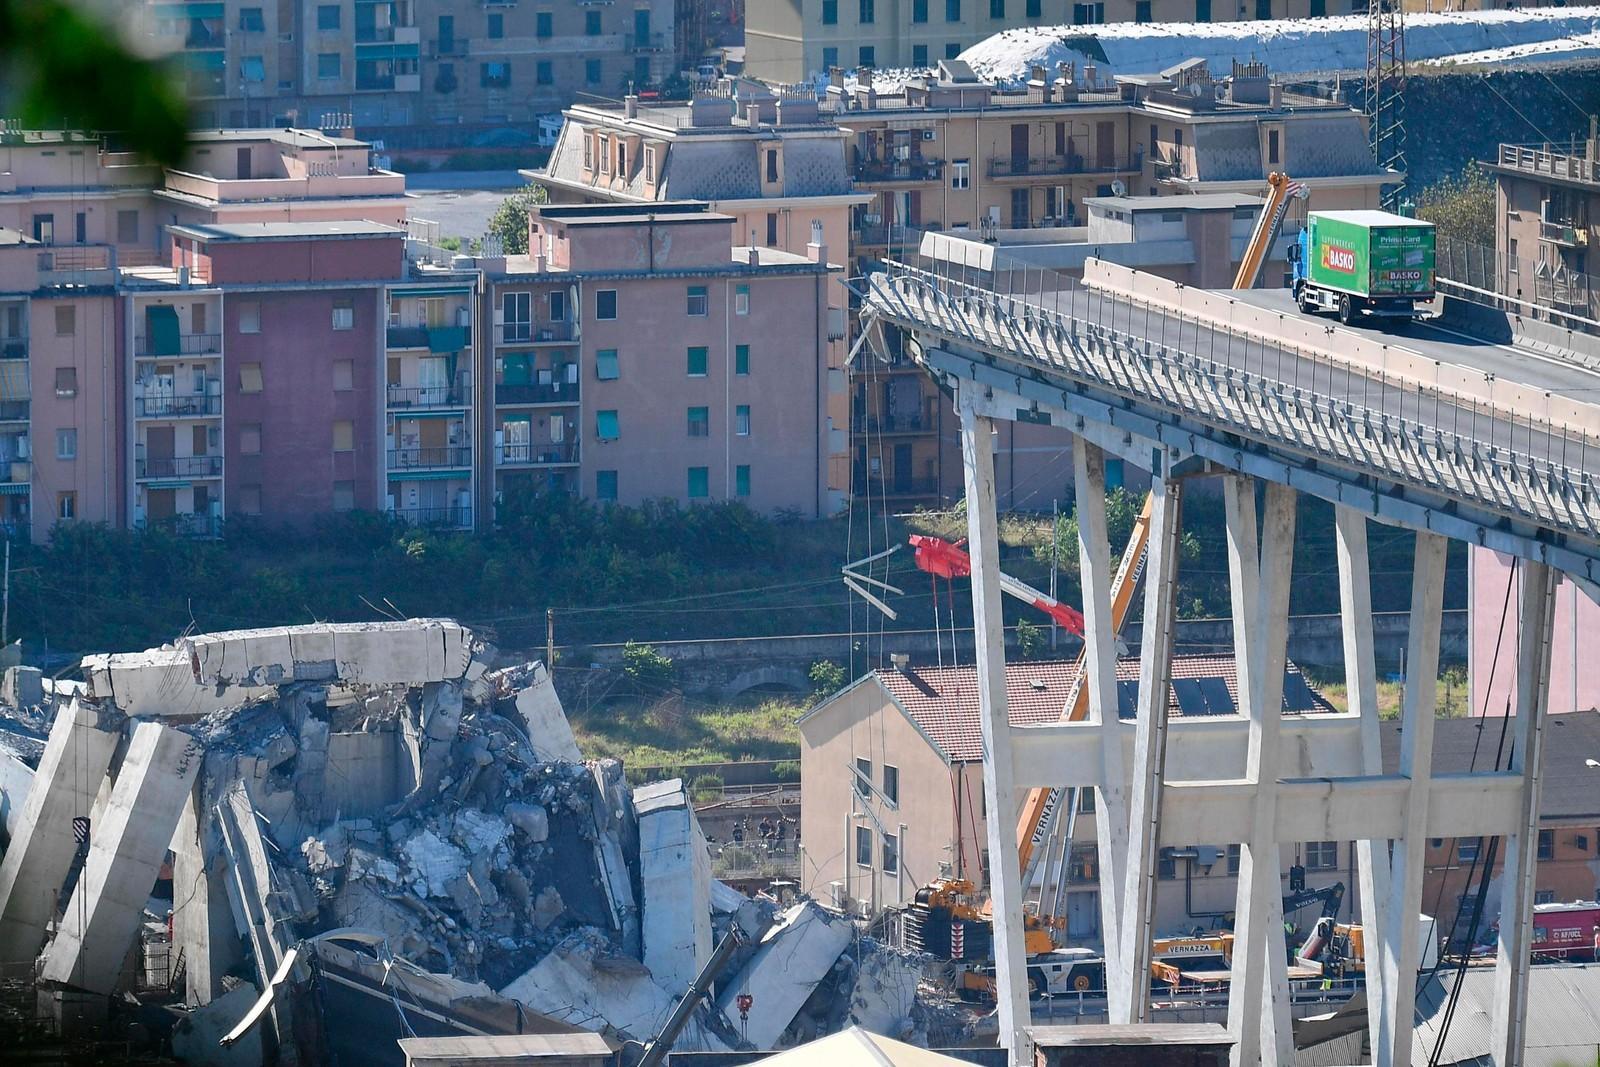 Buscas por sobreviventes de queda de ponte continuam em Gênova; número de mortos sobe